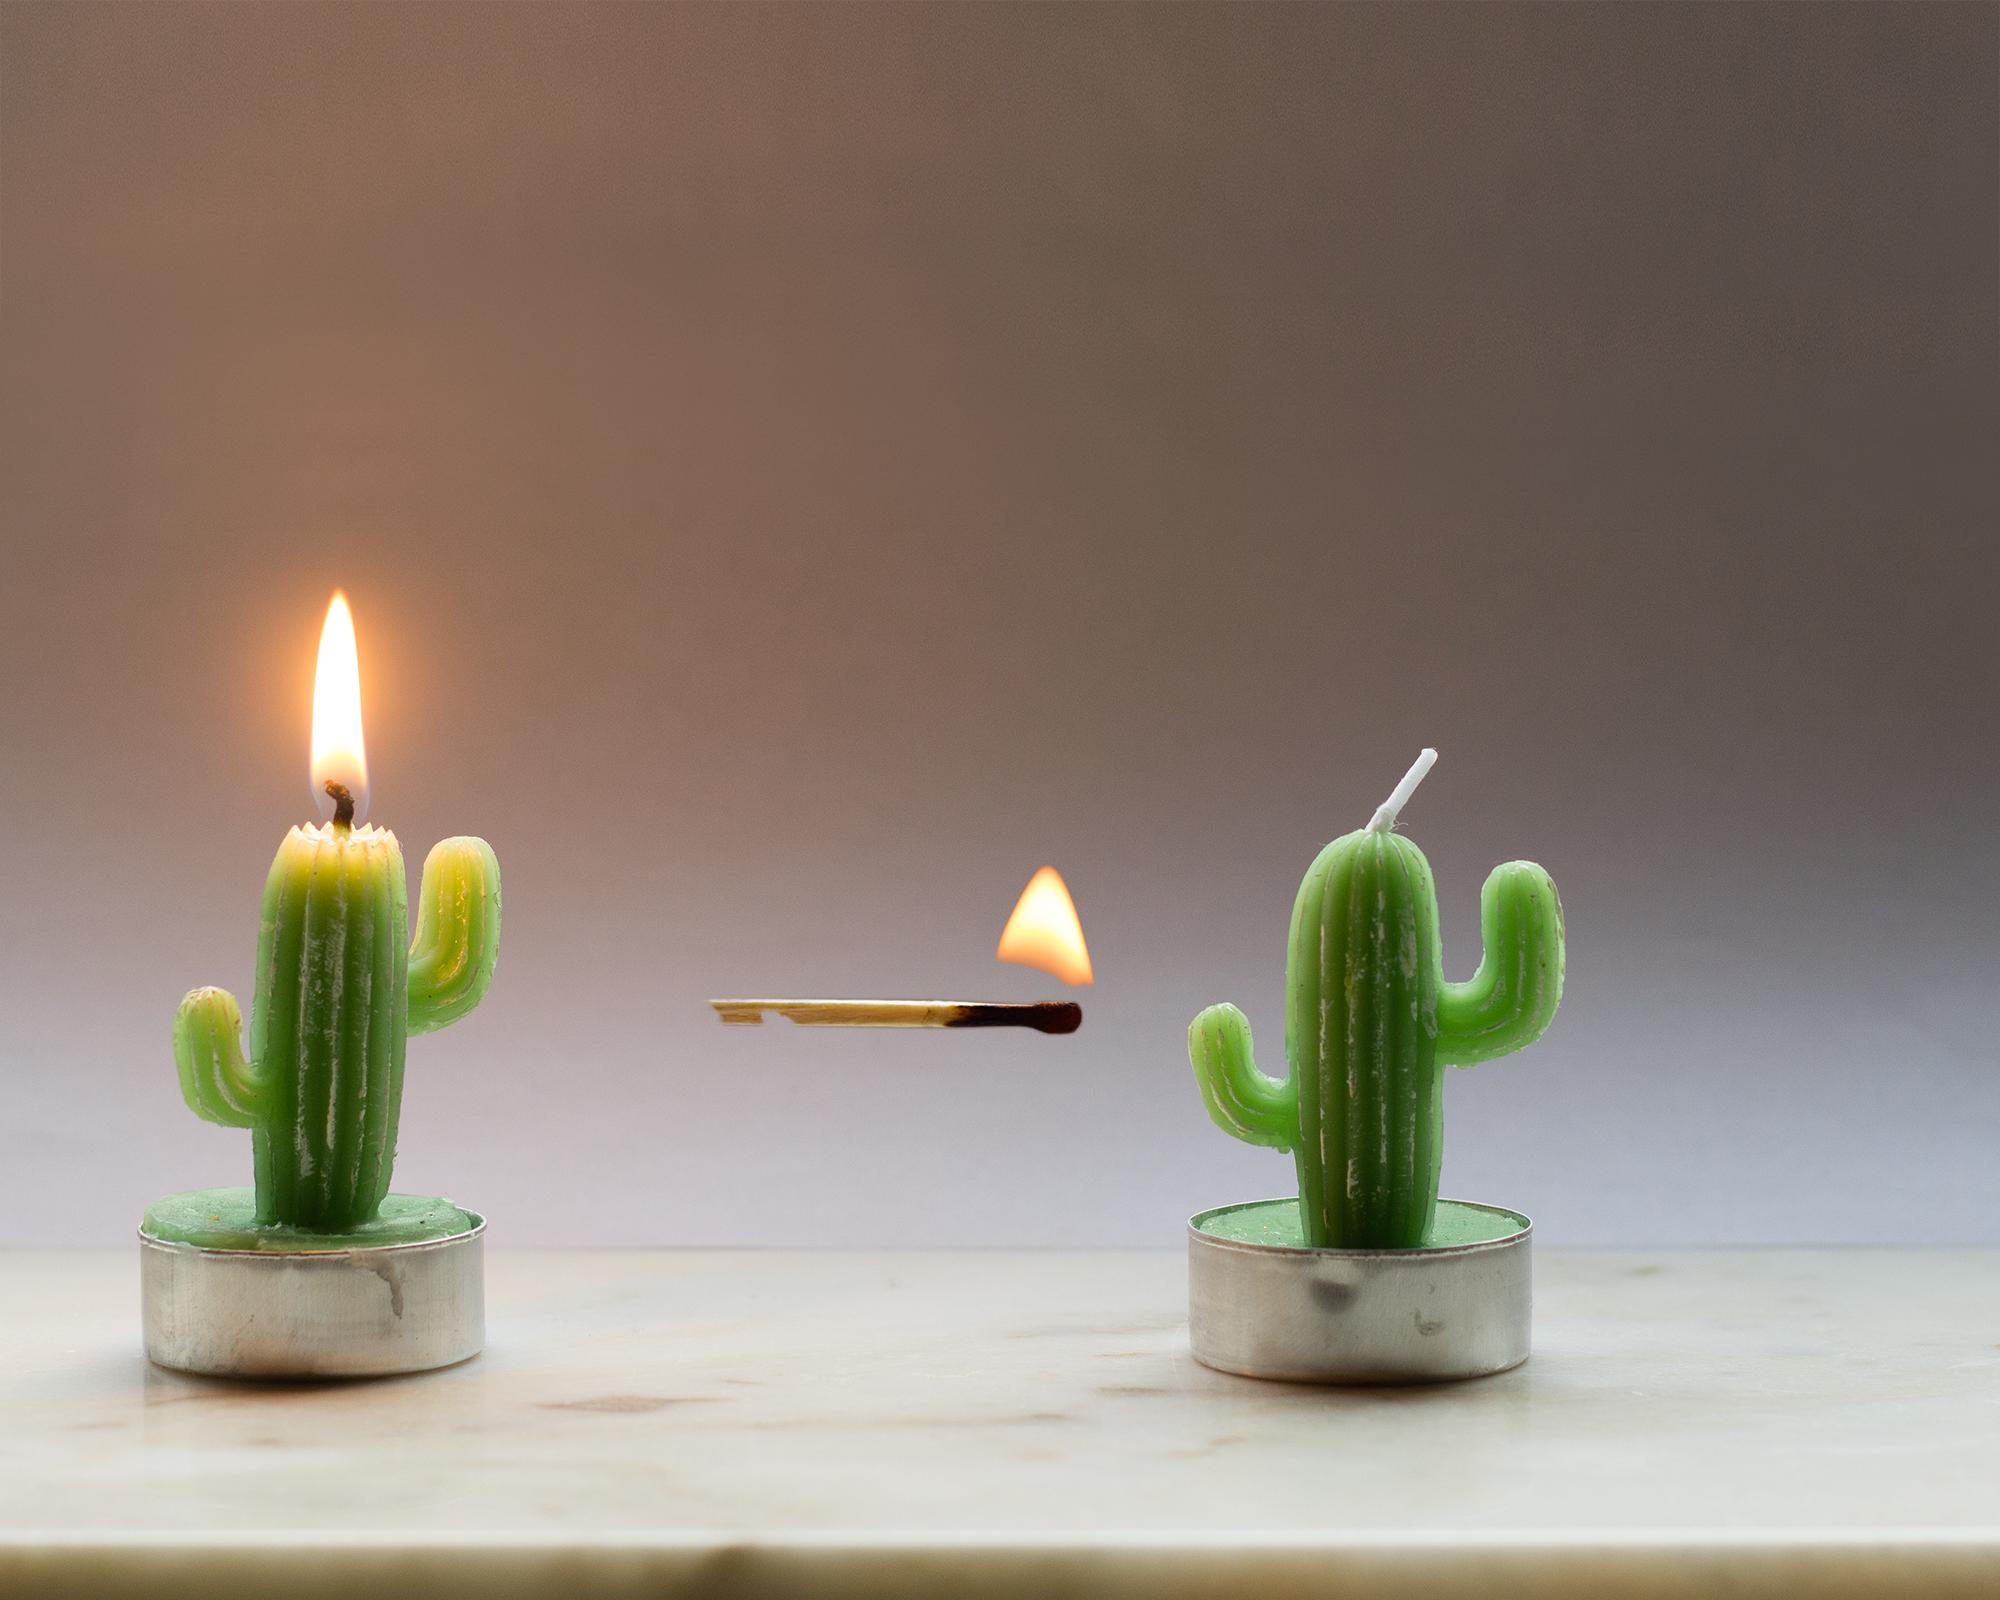 Bildmontage Kaktus Kerzen Streichholz eingearbeitet